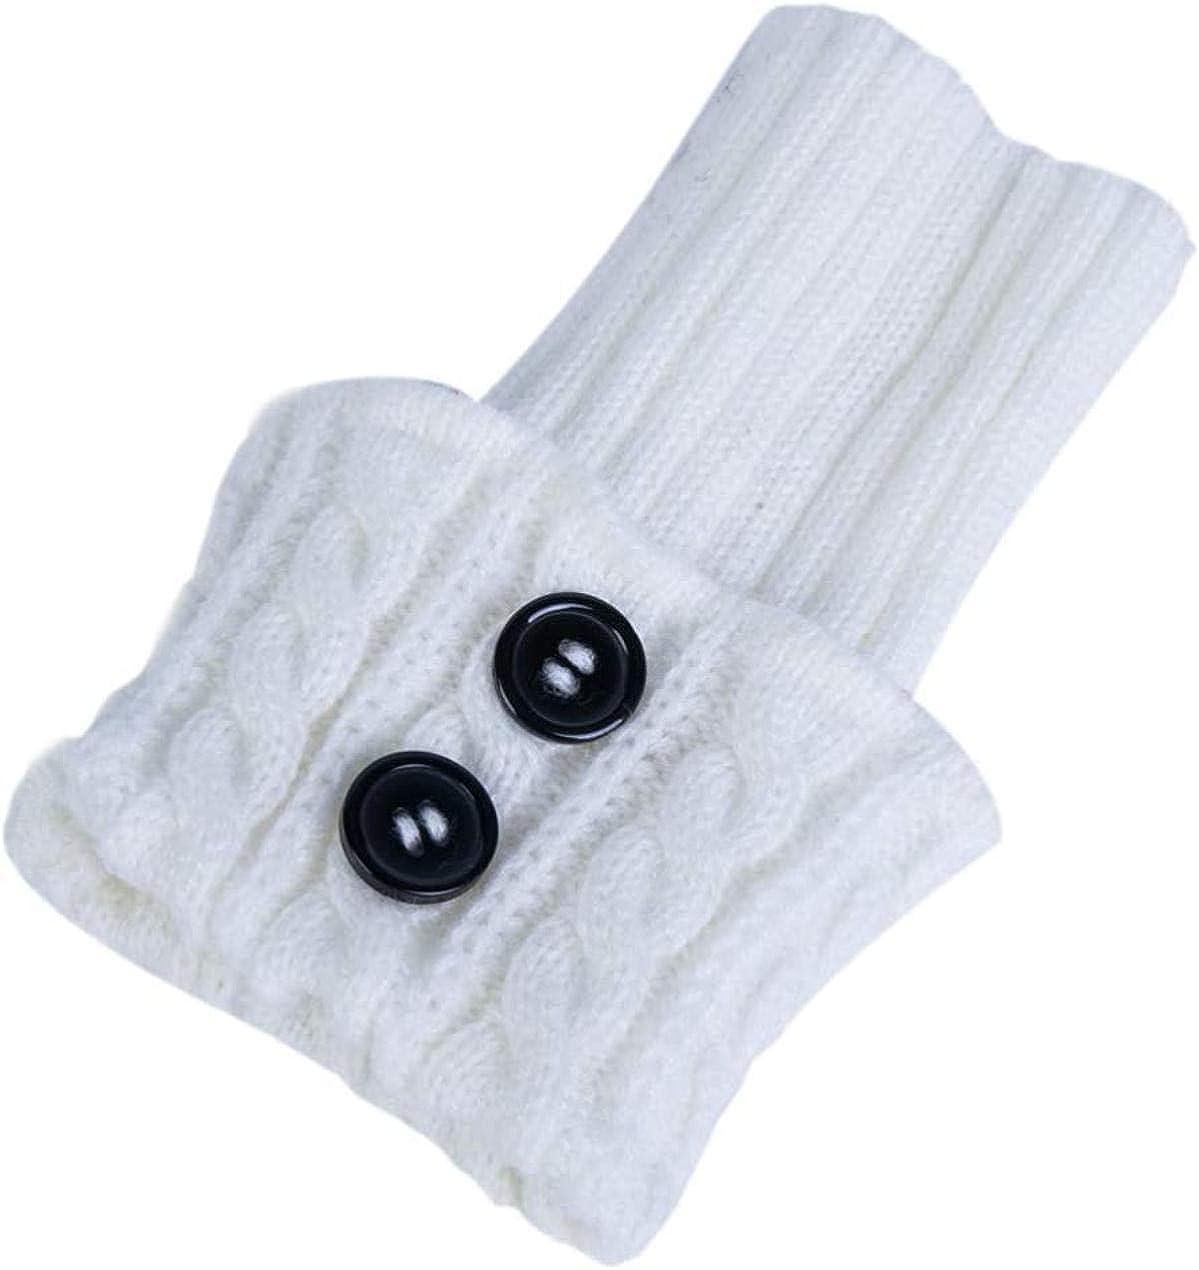 LLTT Women Crochet Knitted Boot Cuffs Socks, Winter Short Leg Warmers, Ankle & Knee Warmers, Knit Toppers Boot Socks